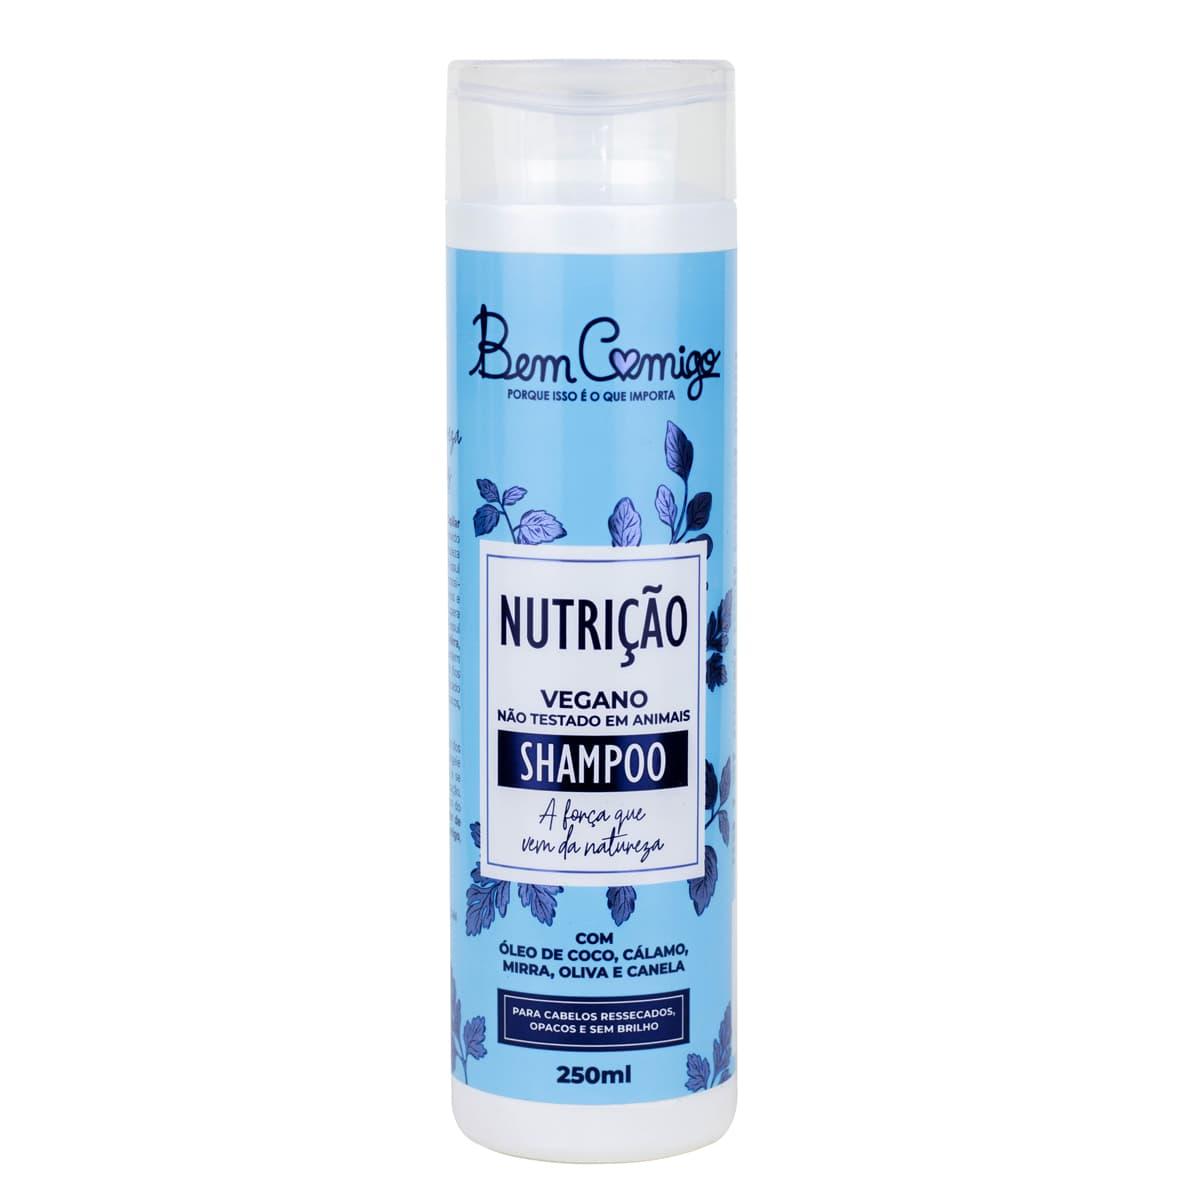 Shampoo Nutrição Bem Comigo 250ml - Kamaleão Color